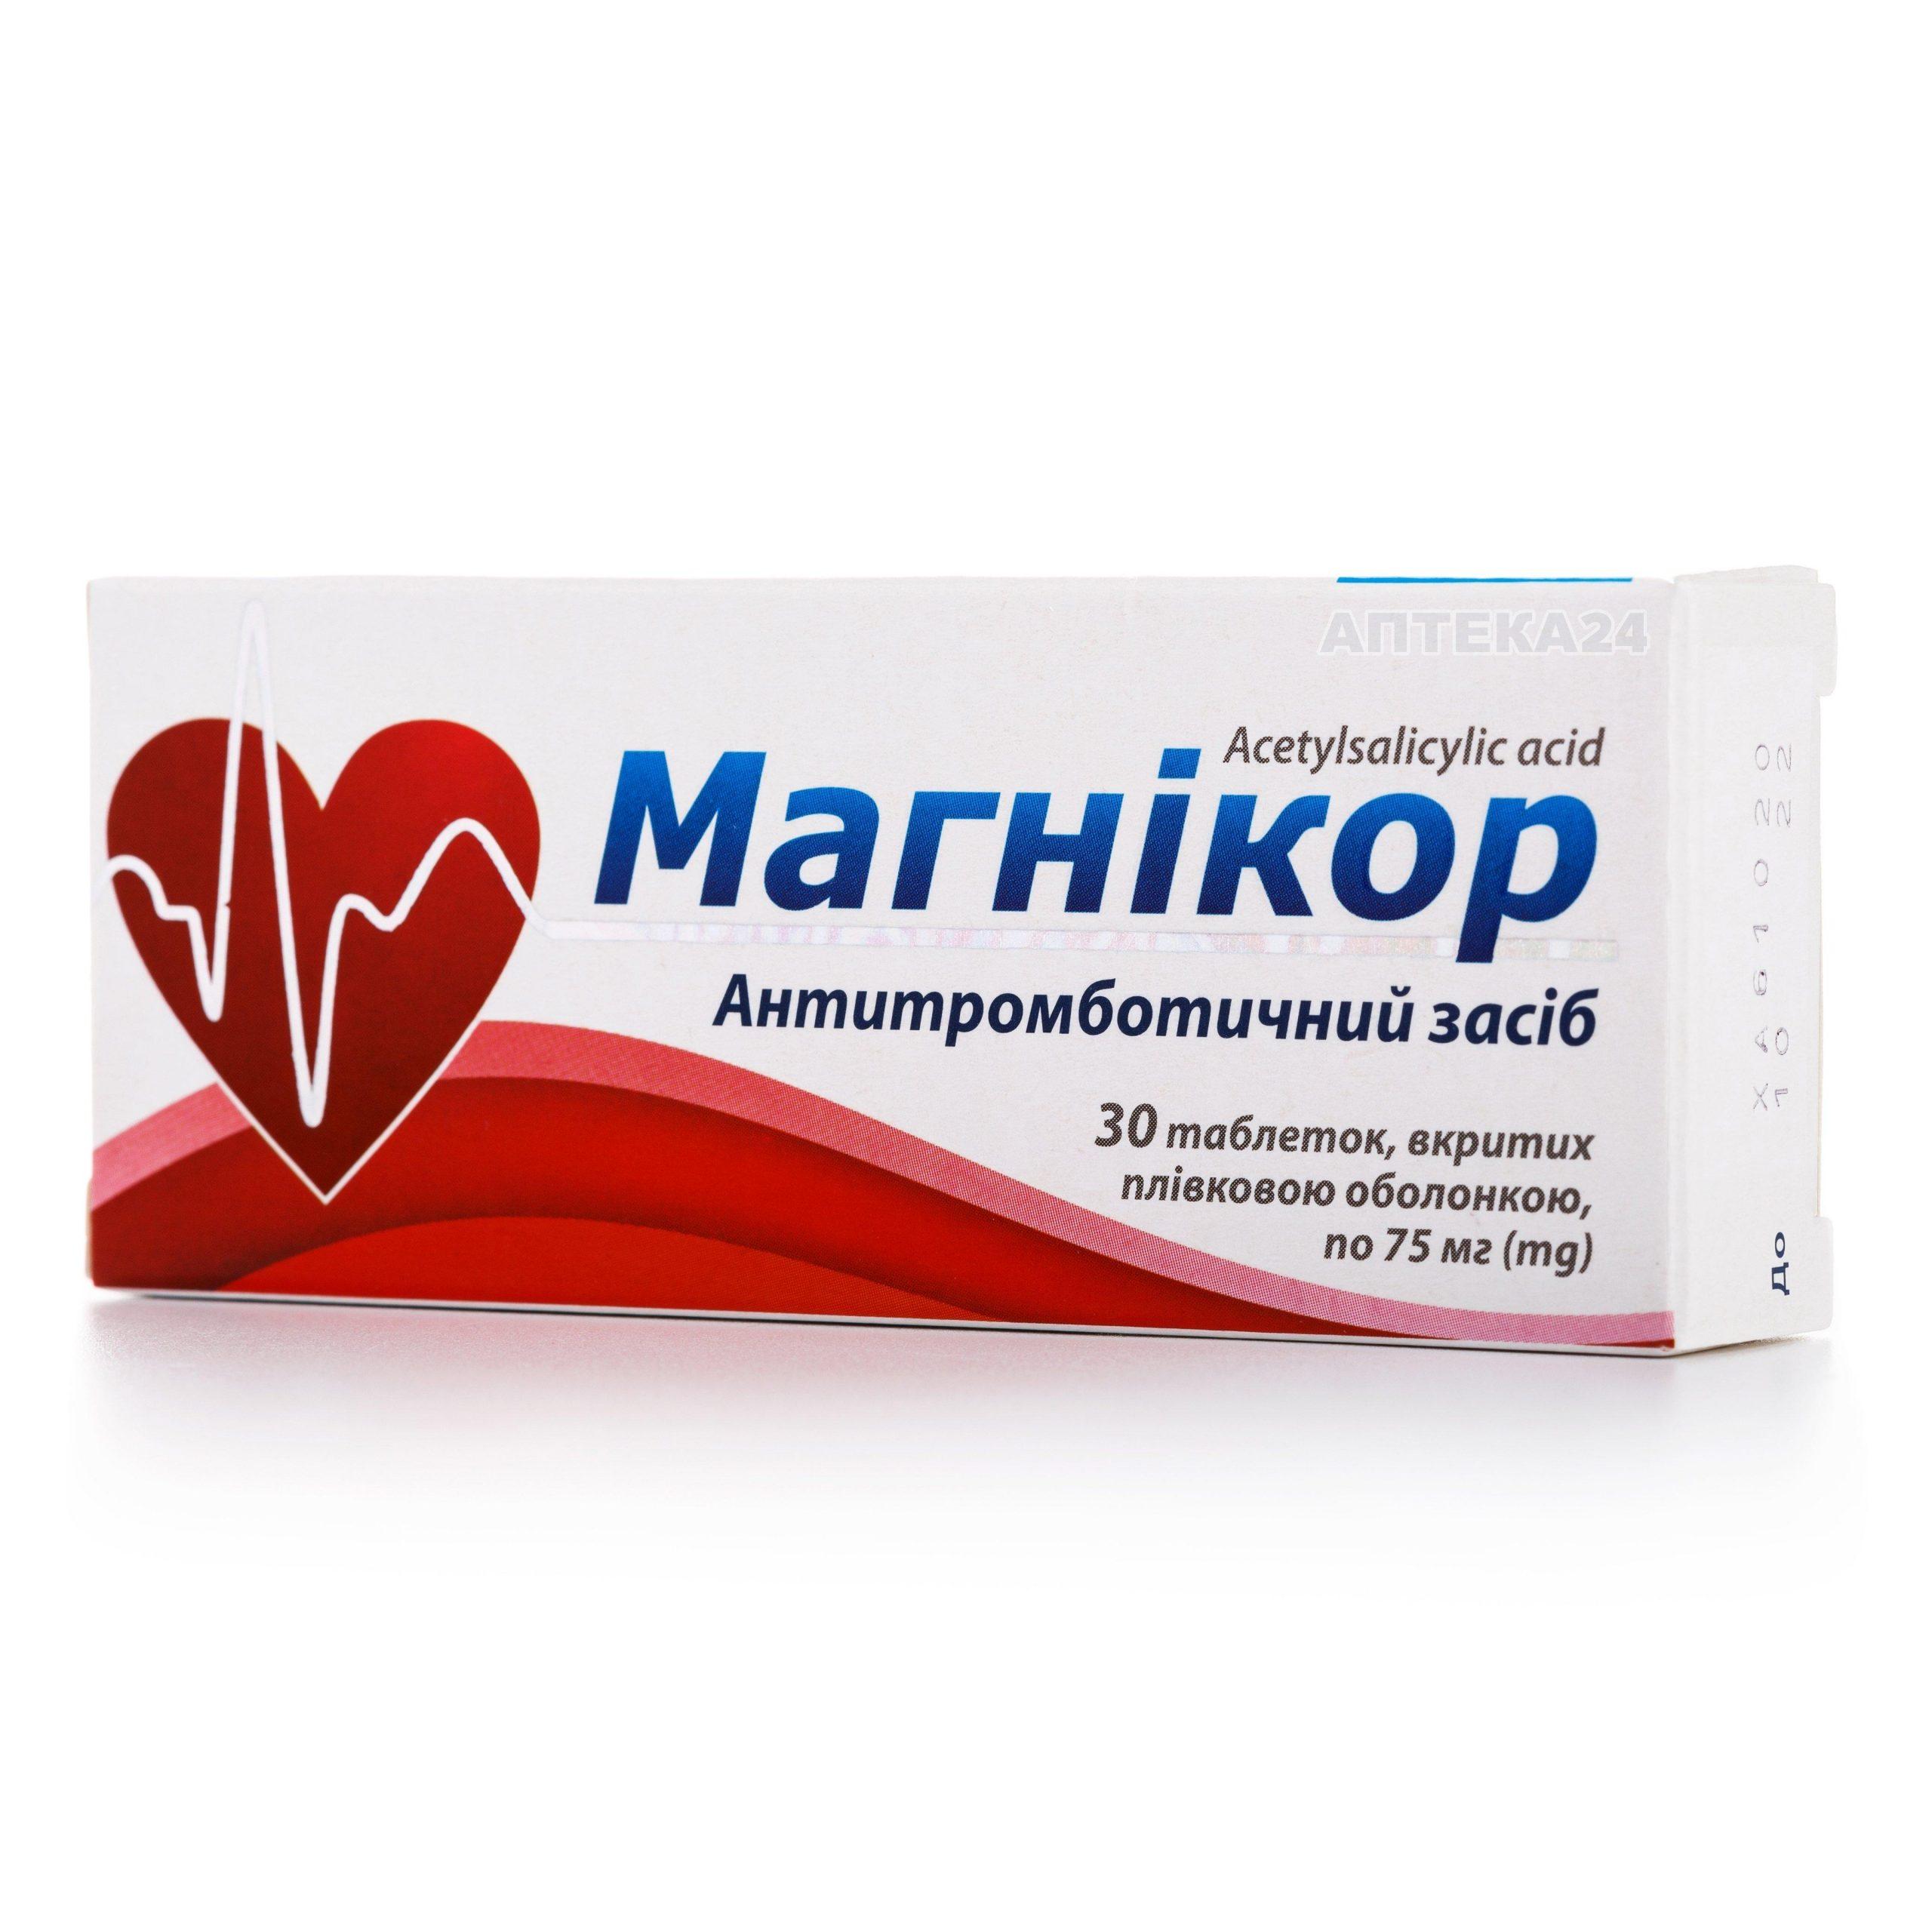 Магникор таблетки 75 мг N30_60061912af022.jpeg